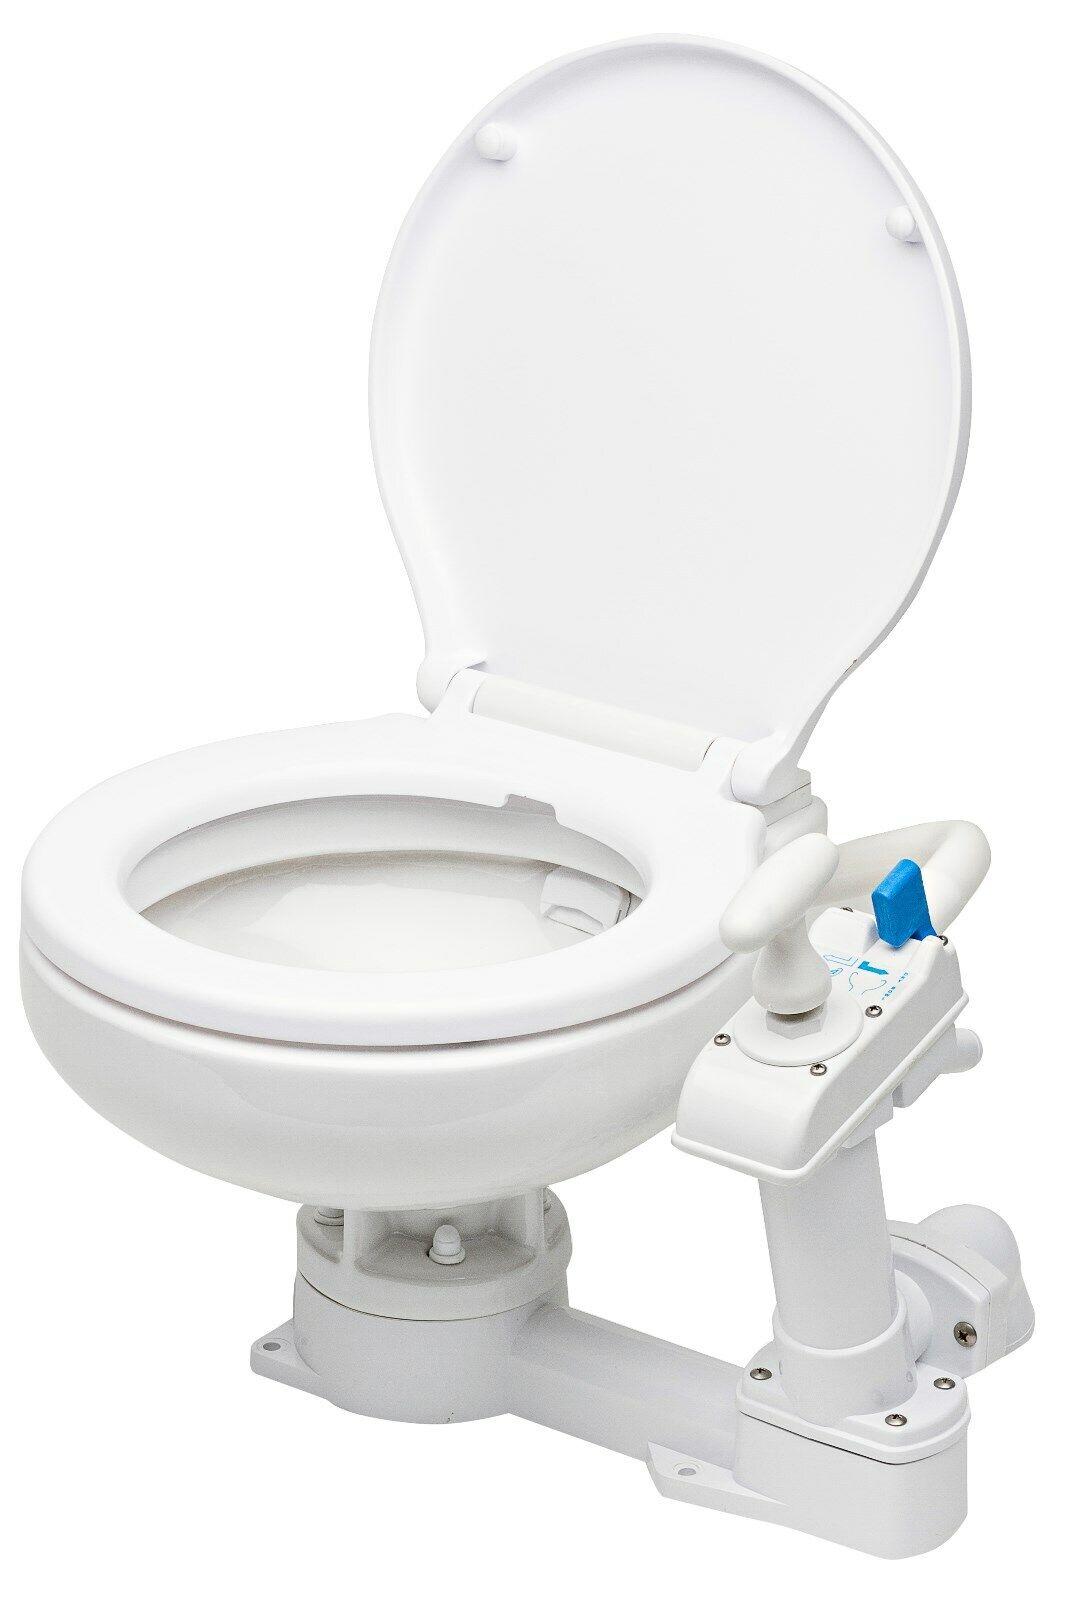 Ocean Technologies Marino Servizi Igienici Soft Close da Barca Toilette uomouale